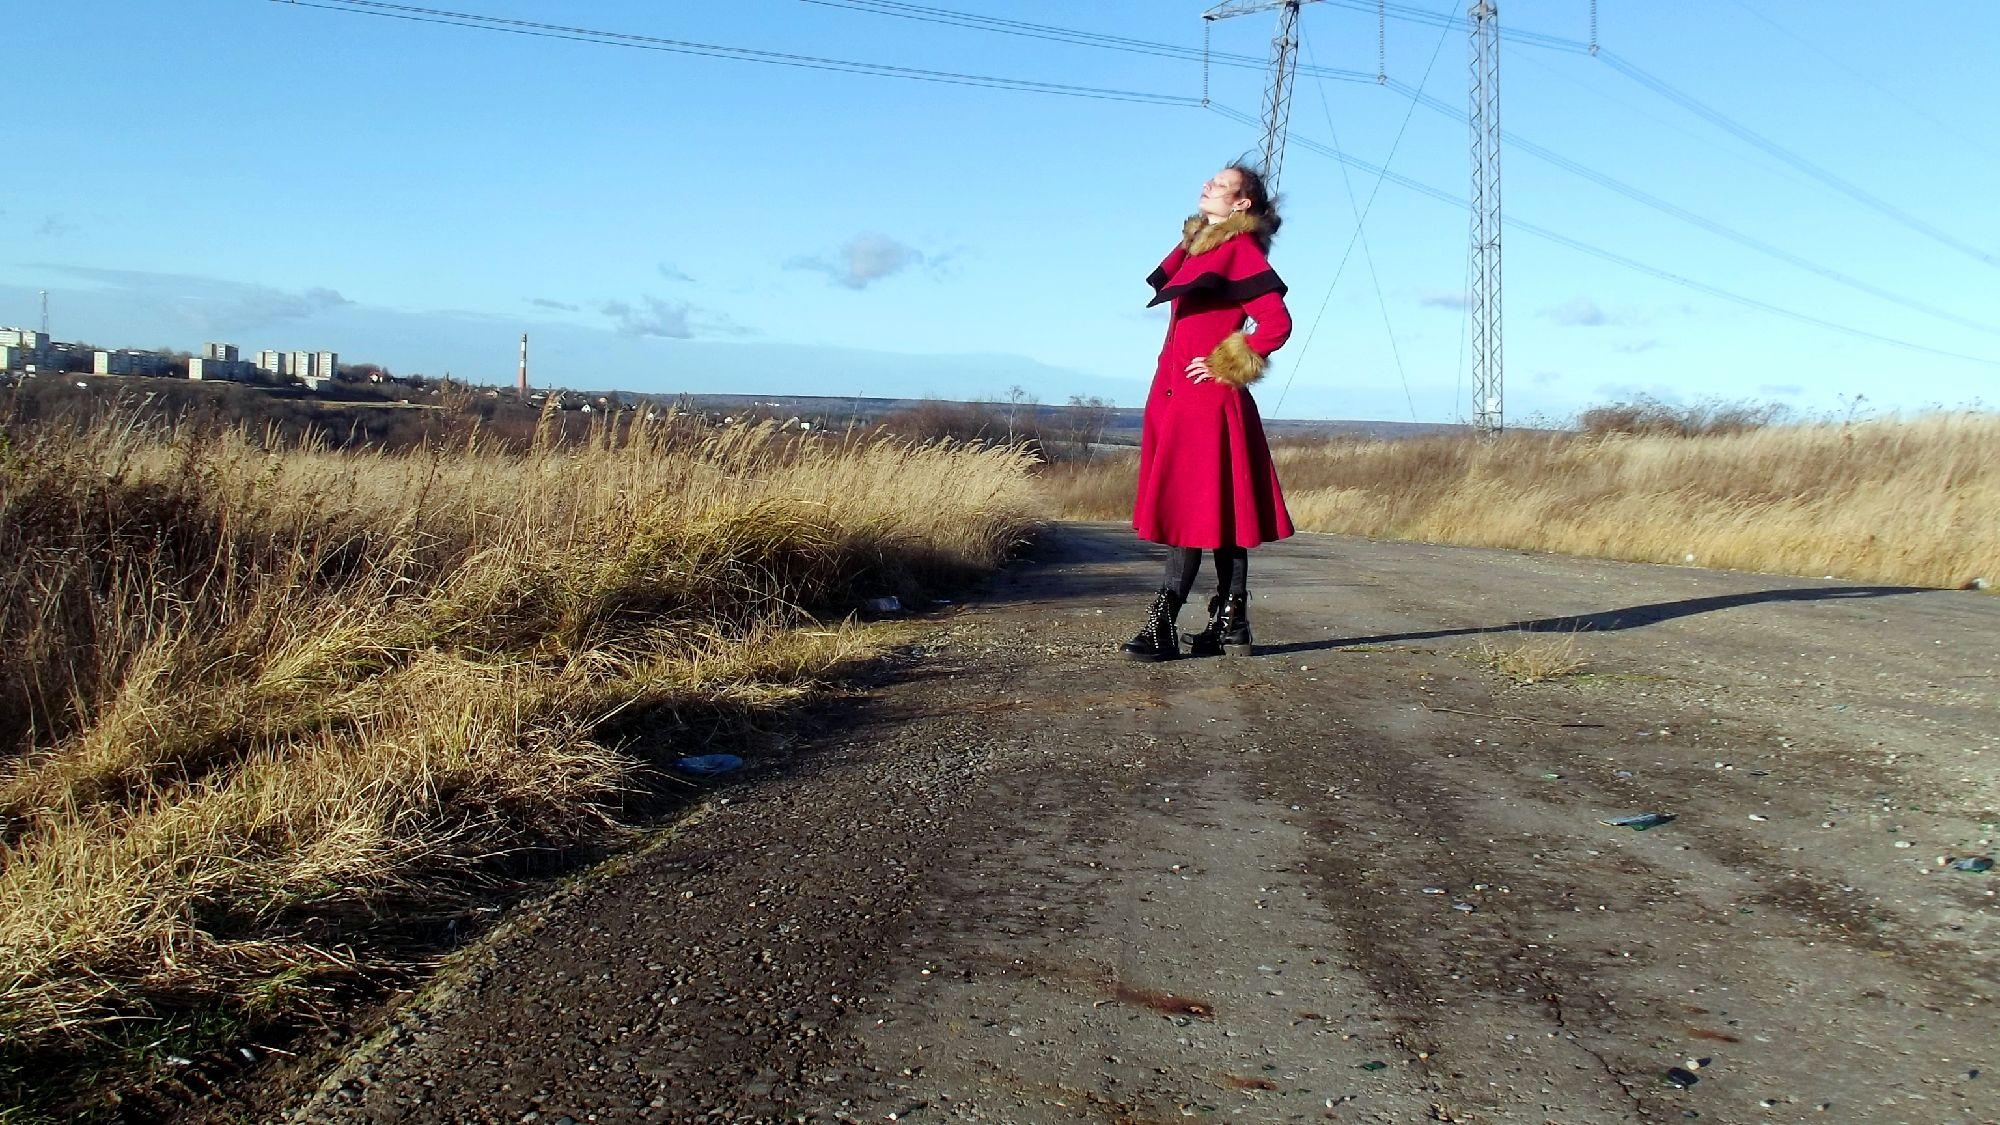 Ветер свободы в лицо. Фото: SoLutova